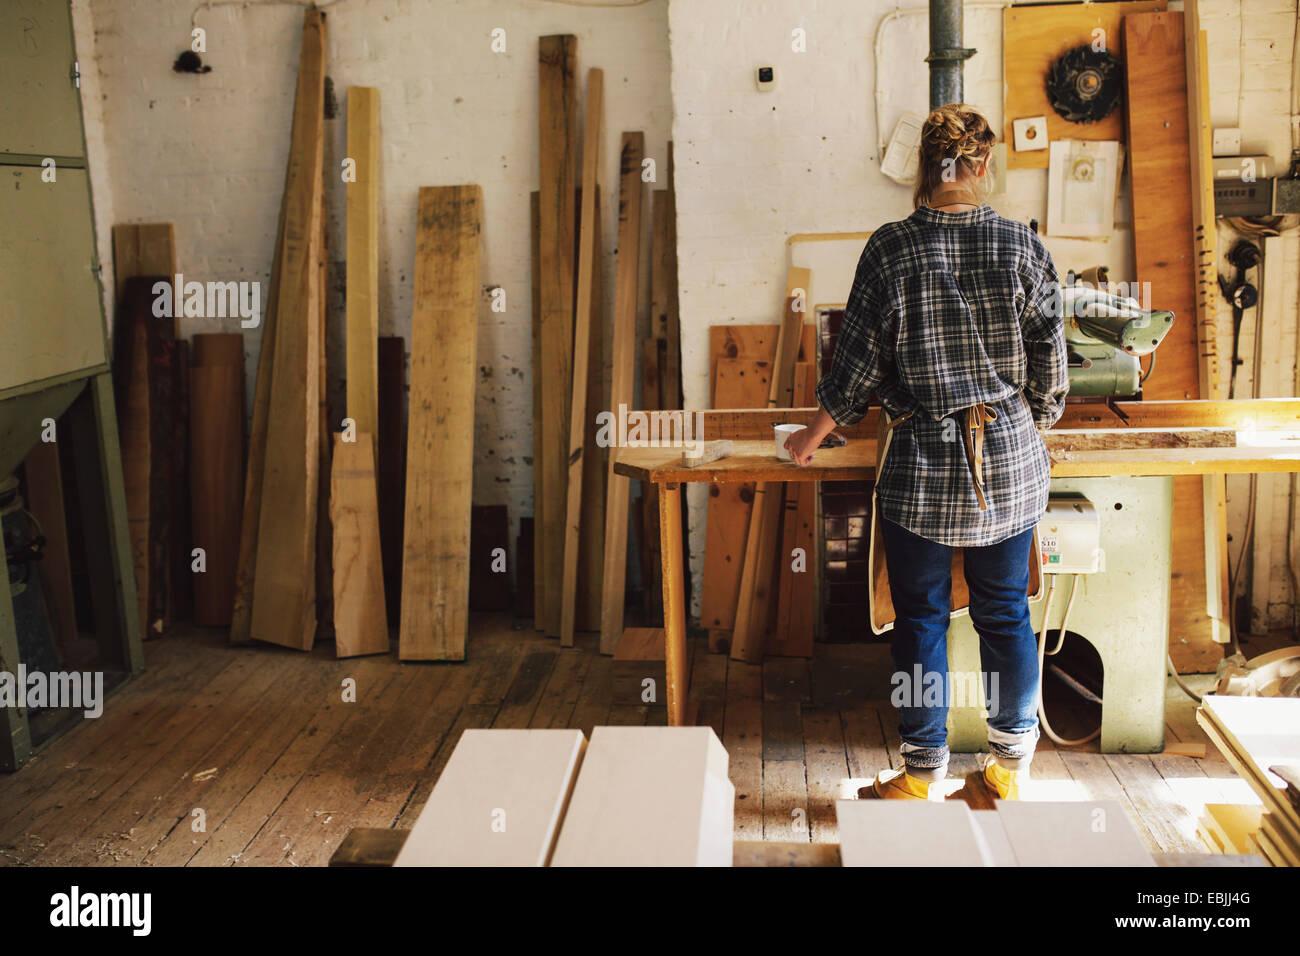 Junge Handwerkerin an Werkbank in Orgel-workshop Stockbild